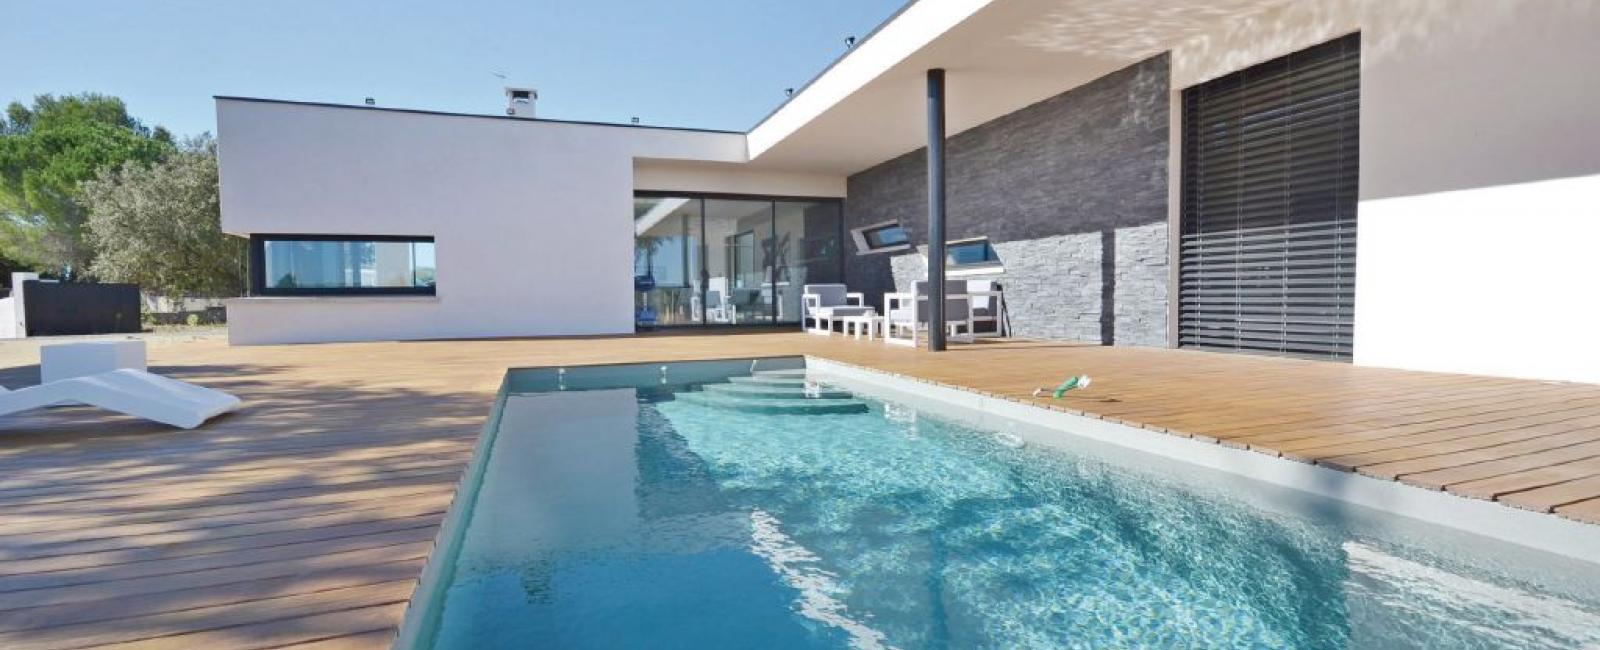 Maison minimaliste contemporaine fashion designs for Construction maison minimaliste